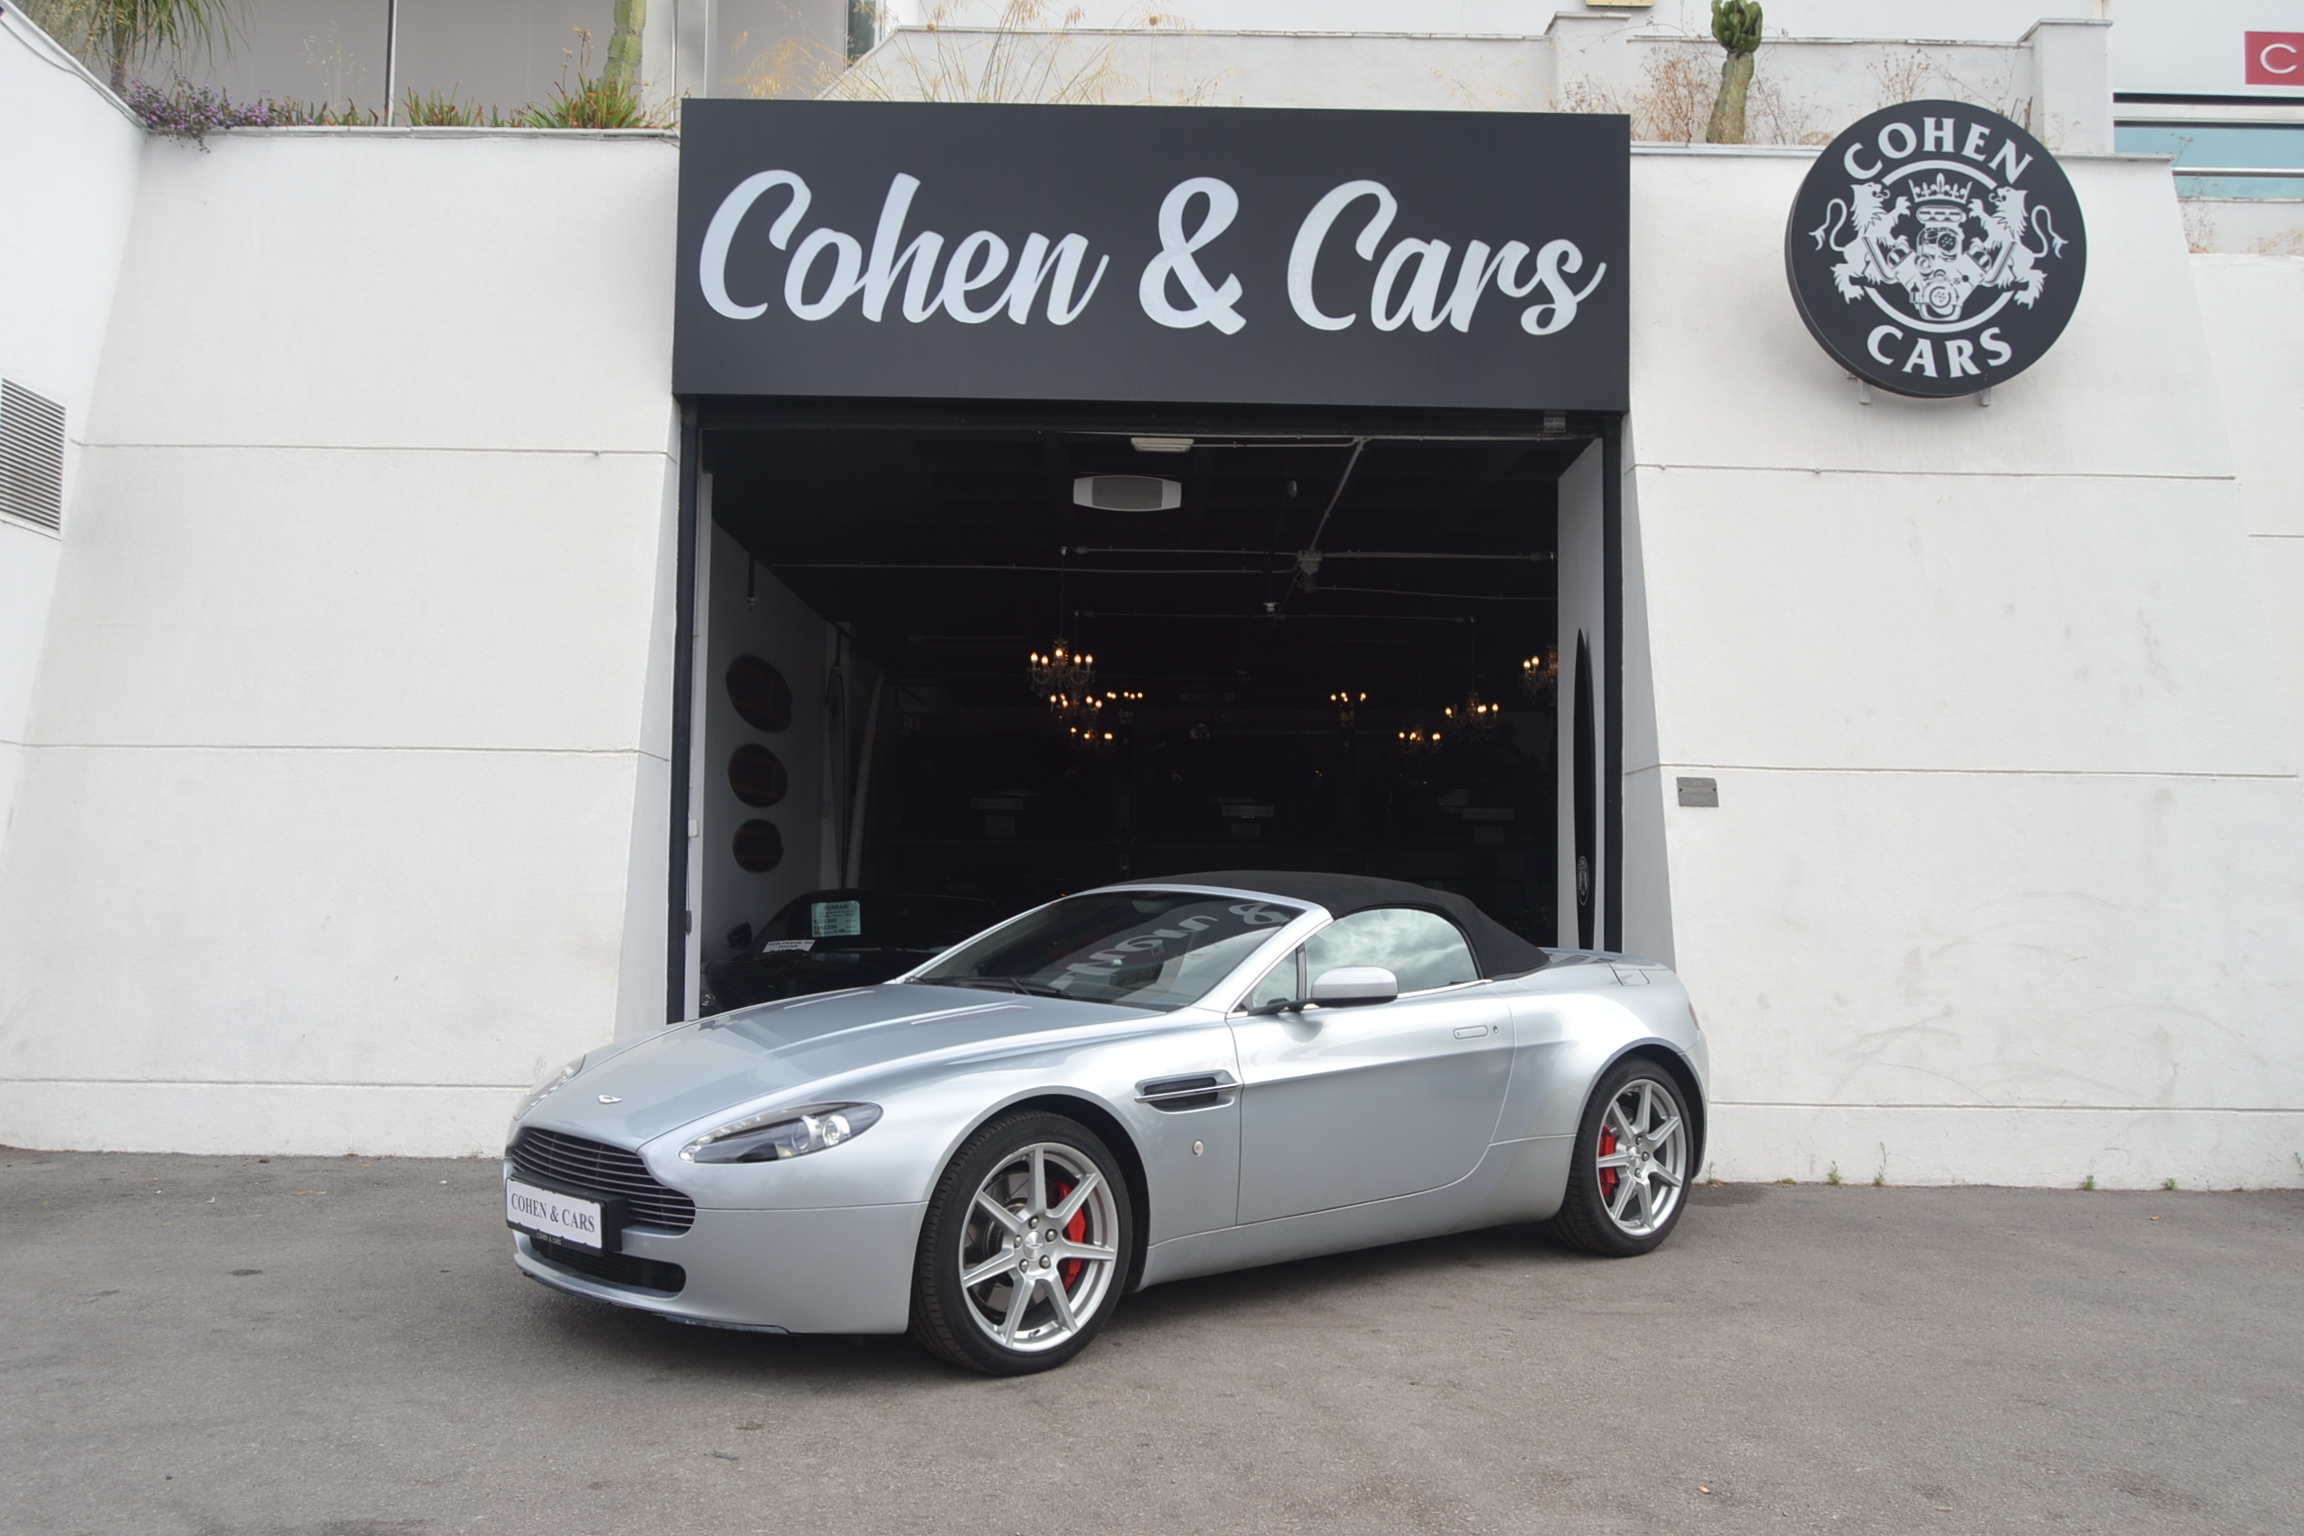 Aston Martin V8 Vantage Cabrio 4 3 Auto Cohen Cars